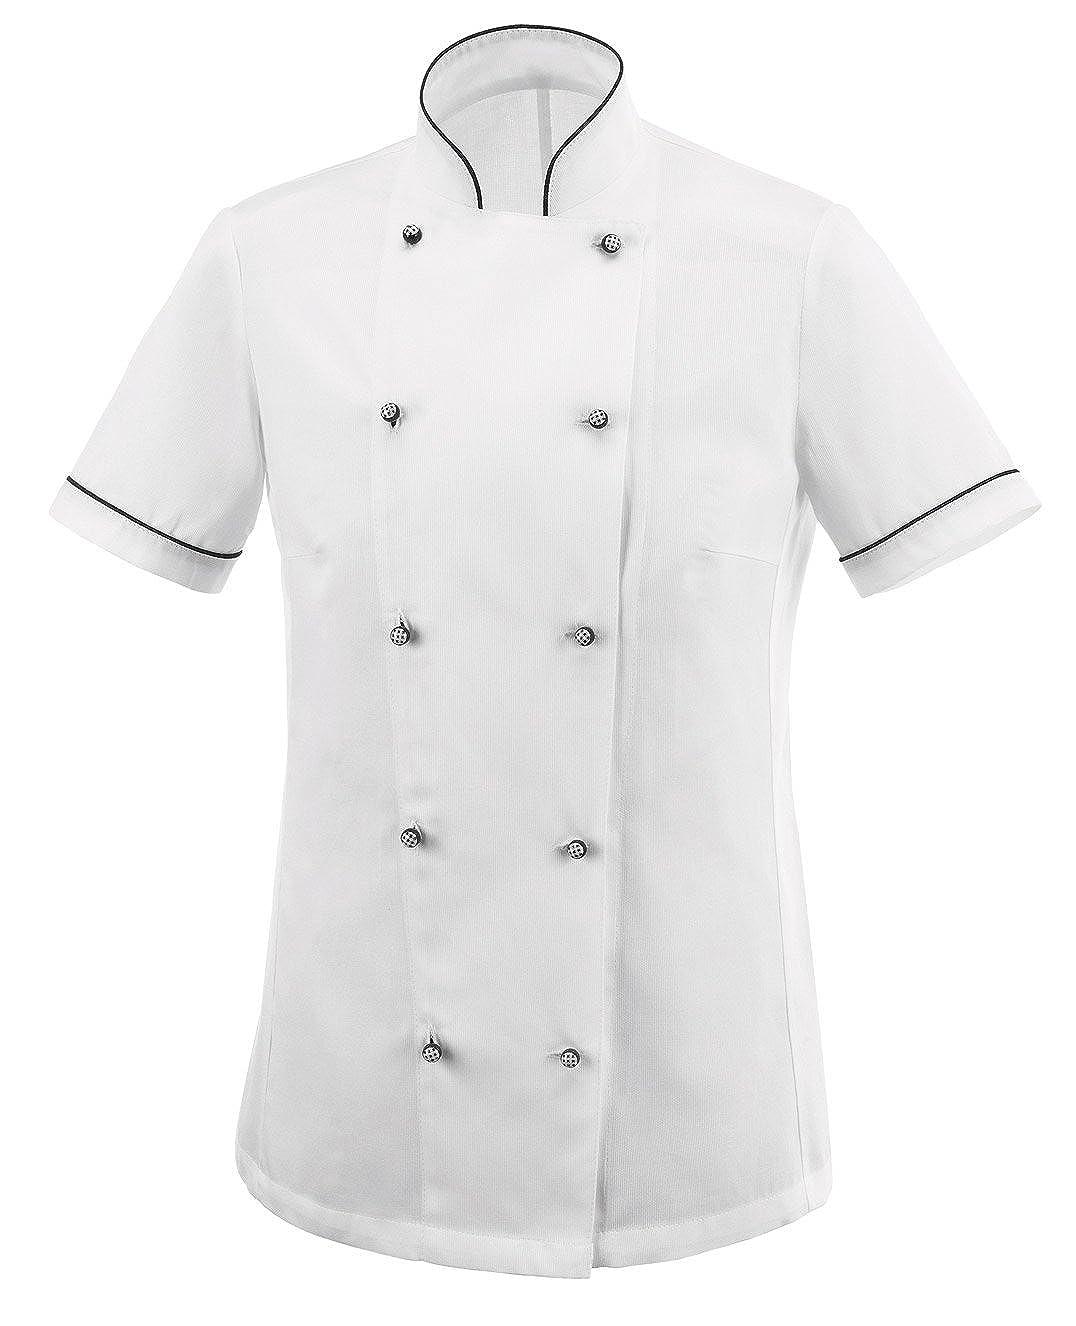 tessile astorino giacca cuoco basic, modello donna, manica corta, Made in Italy